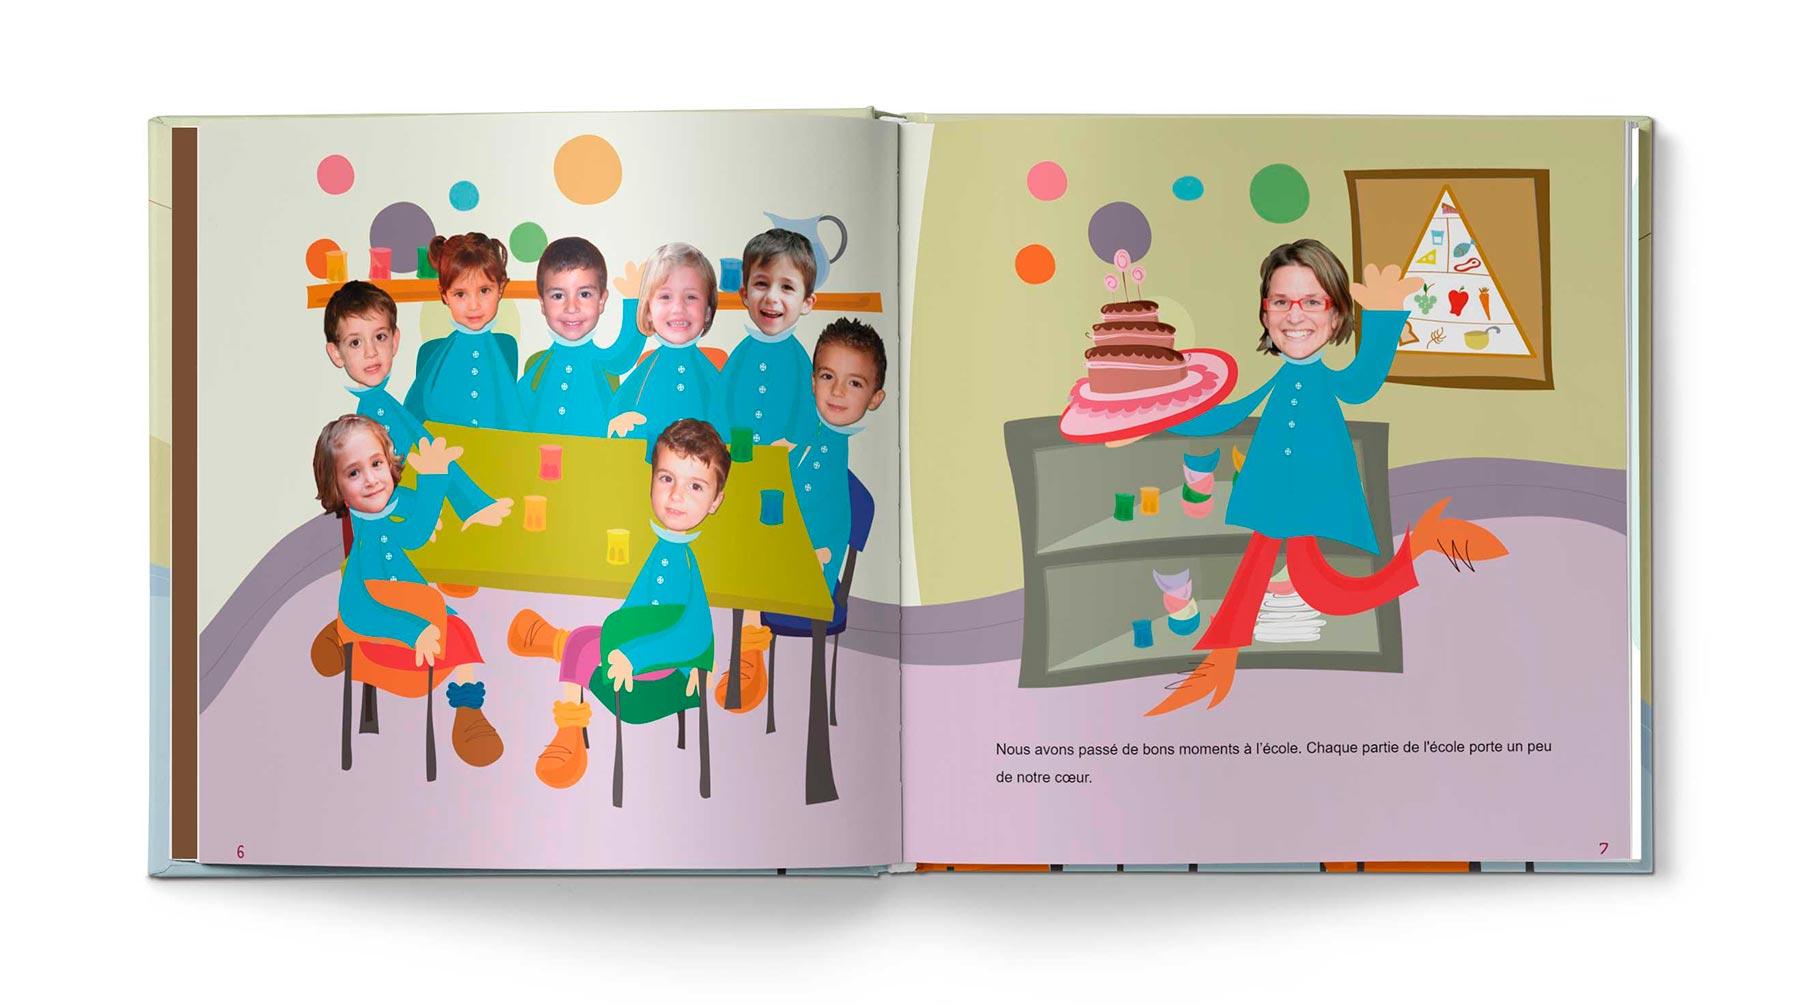 Histoire Le livre d'école - Image 3